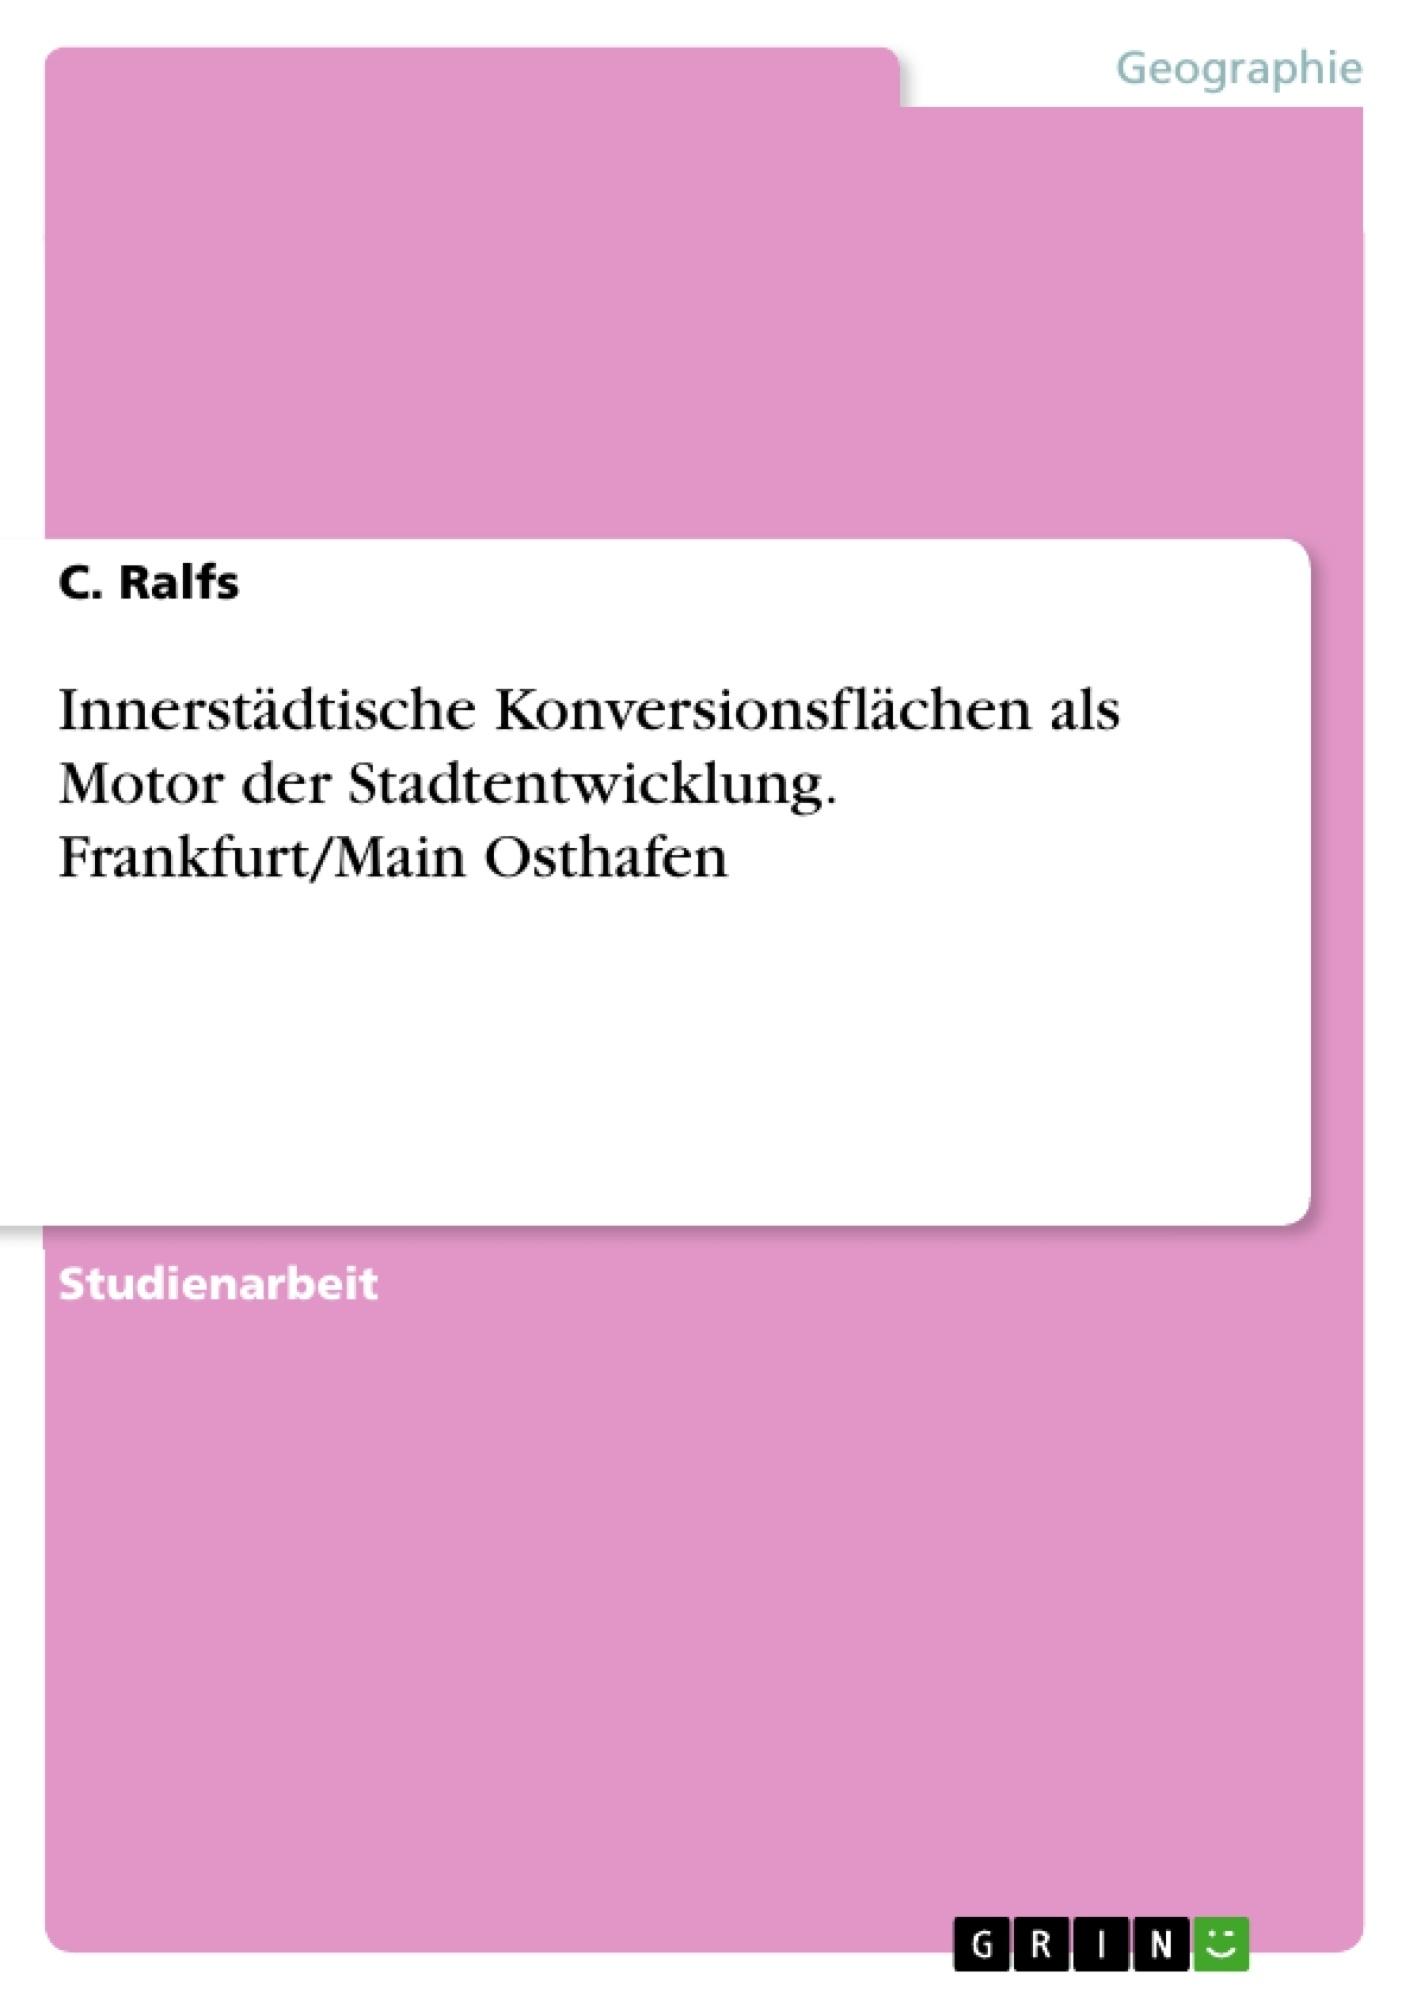 Titel: Innerstädtische Konversionsflächen als Motor der Stadtentwicklung. Frankfurt/Main Osthafen